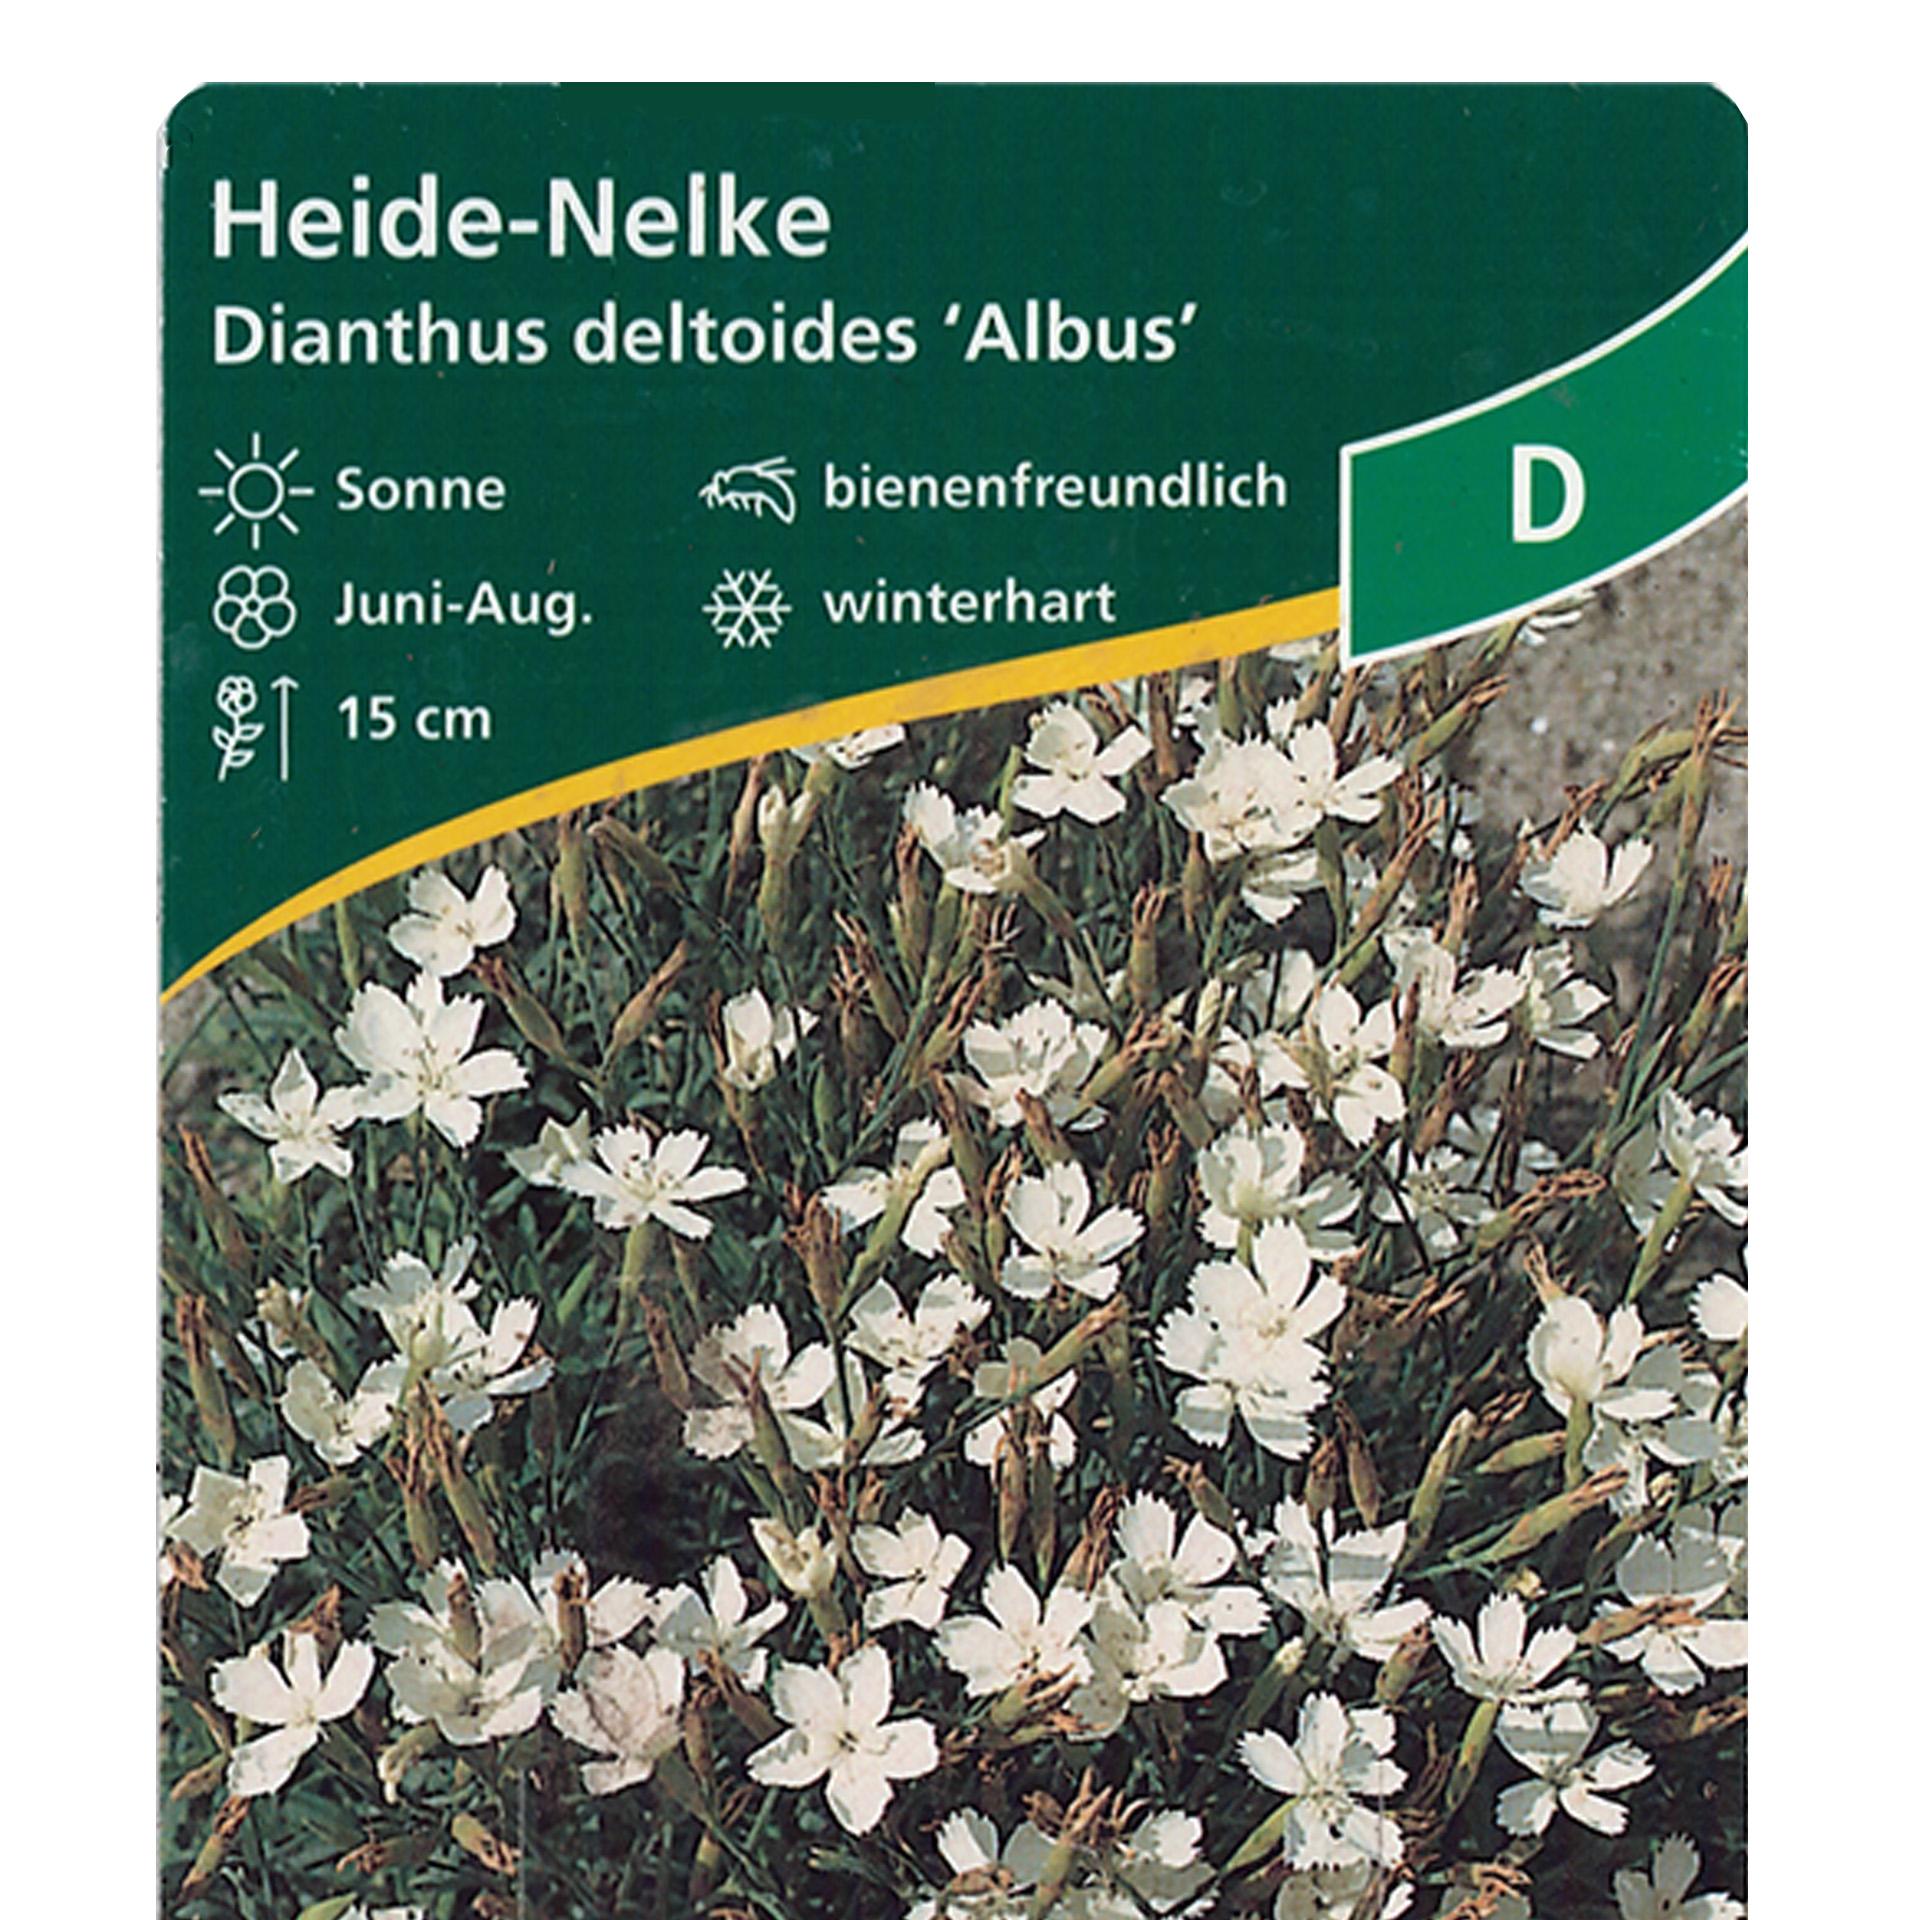 Heidenelke – Dianthus deltoides 'Albus' weiß, 11cm Topf